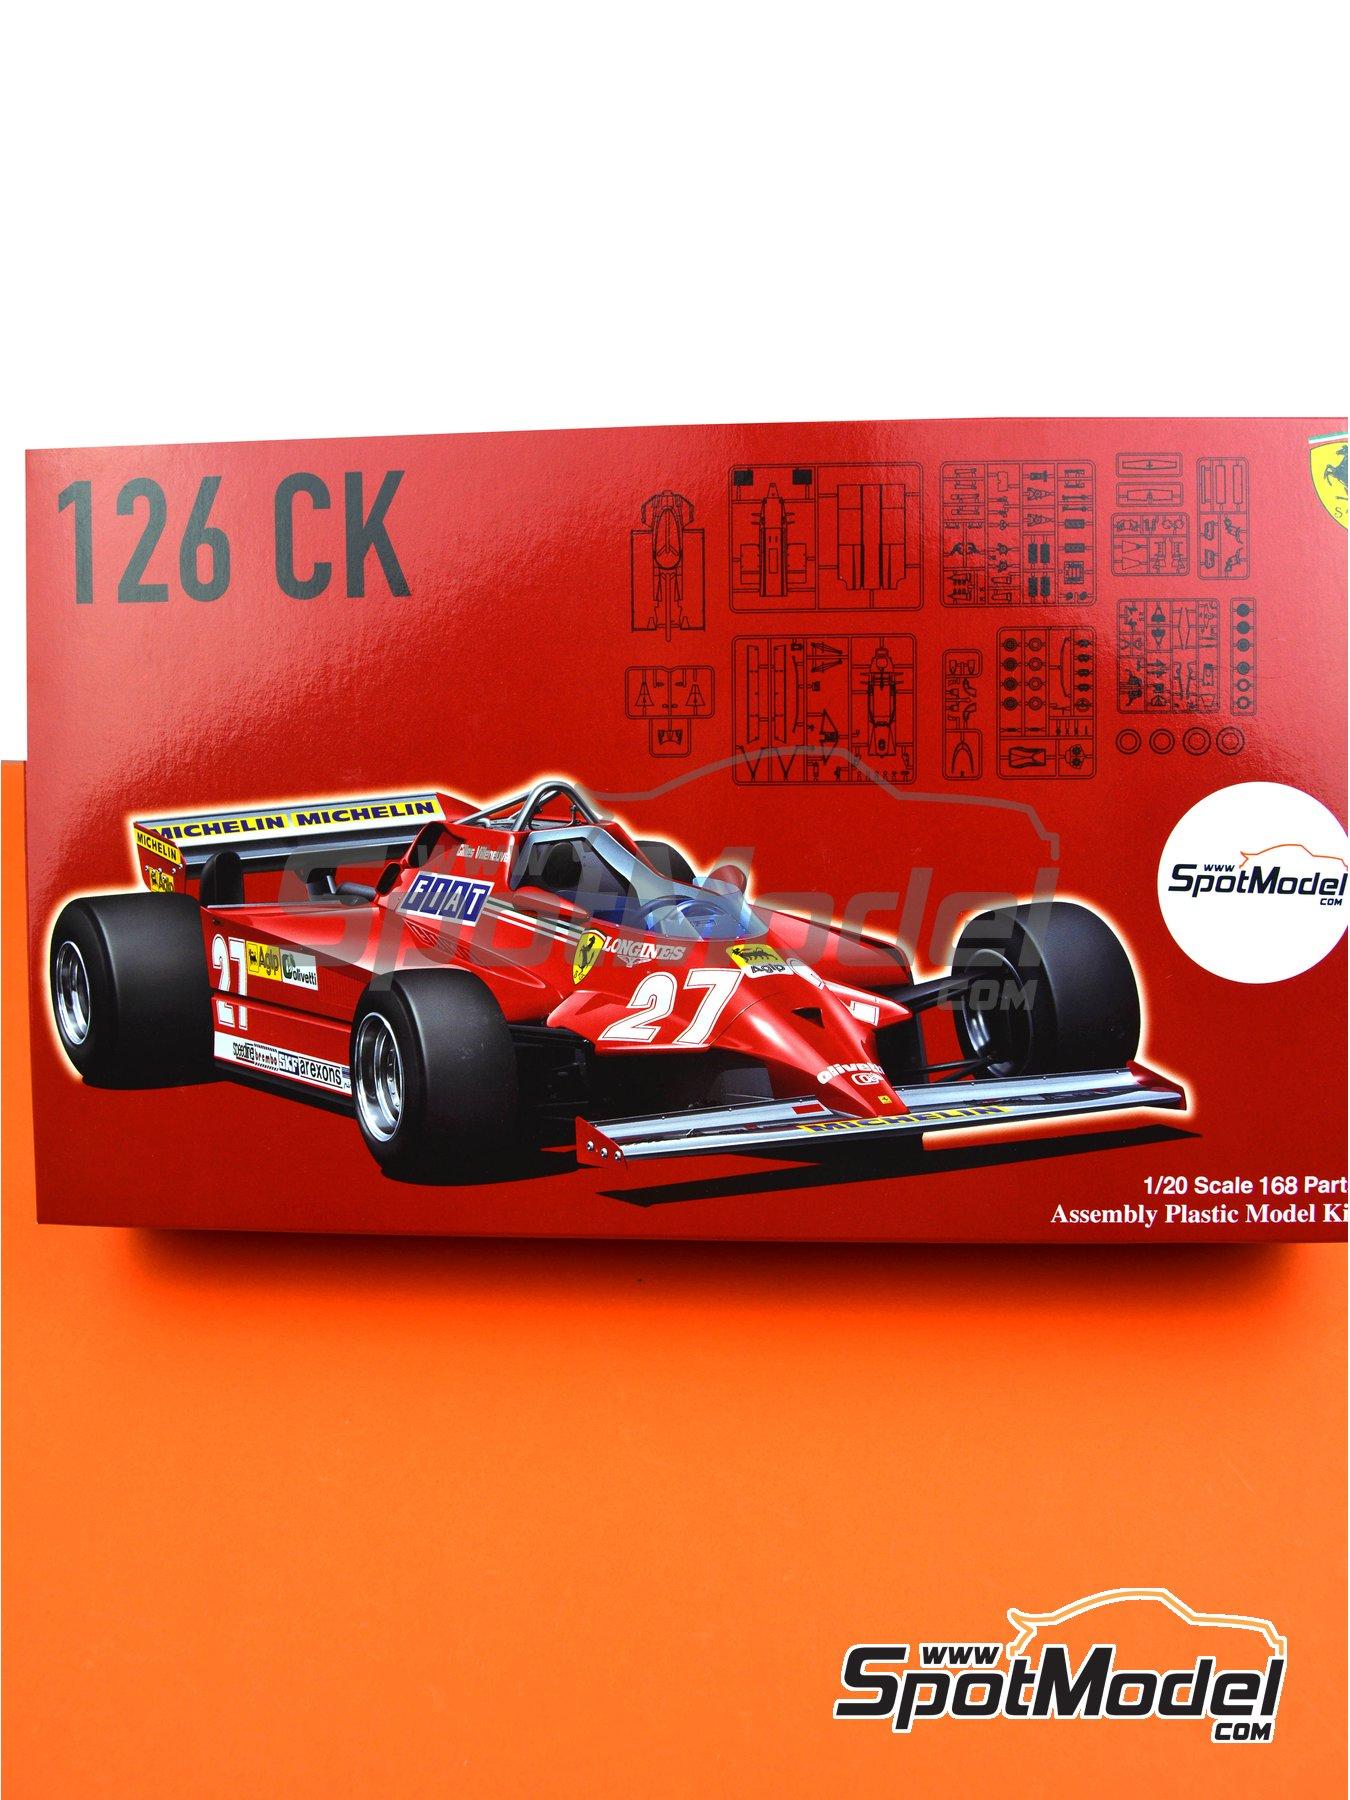 Ferrari 126 CK Michelin - Campeonato del Mundo de Formula1 1981 | Maqueta de coche en escala1/20 fabricado por Fujimi (ref.FJ091969, tambien 091969, 09196 y GP-4) image